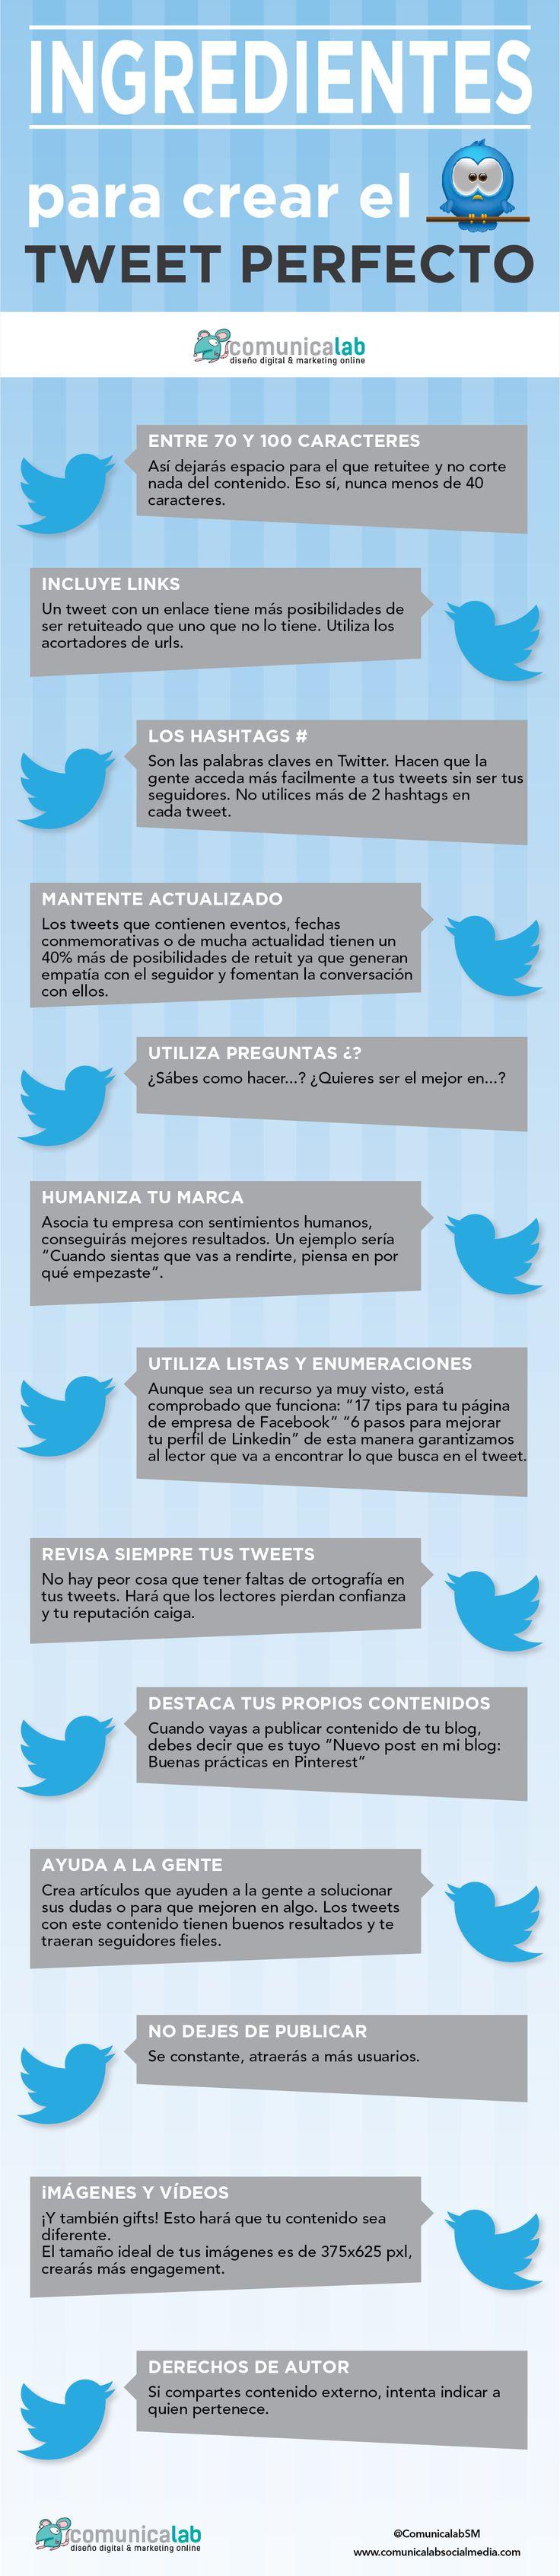 13 Ingredientes para escribir el Tweet perfecto en Twitter #infografía #socialmedia #redessociales